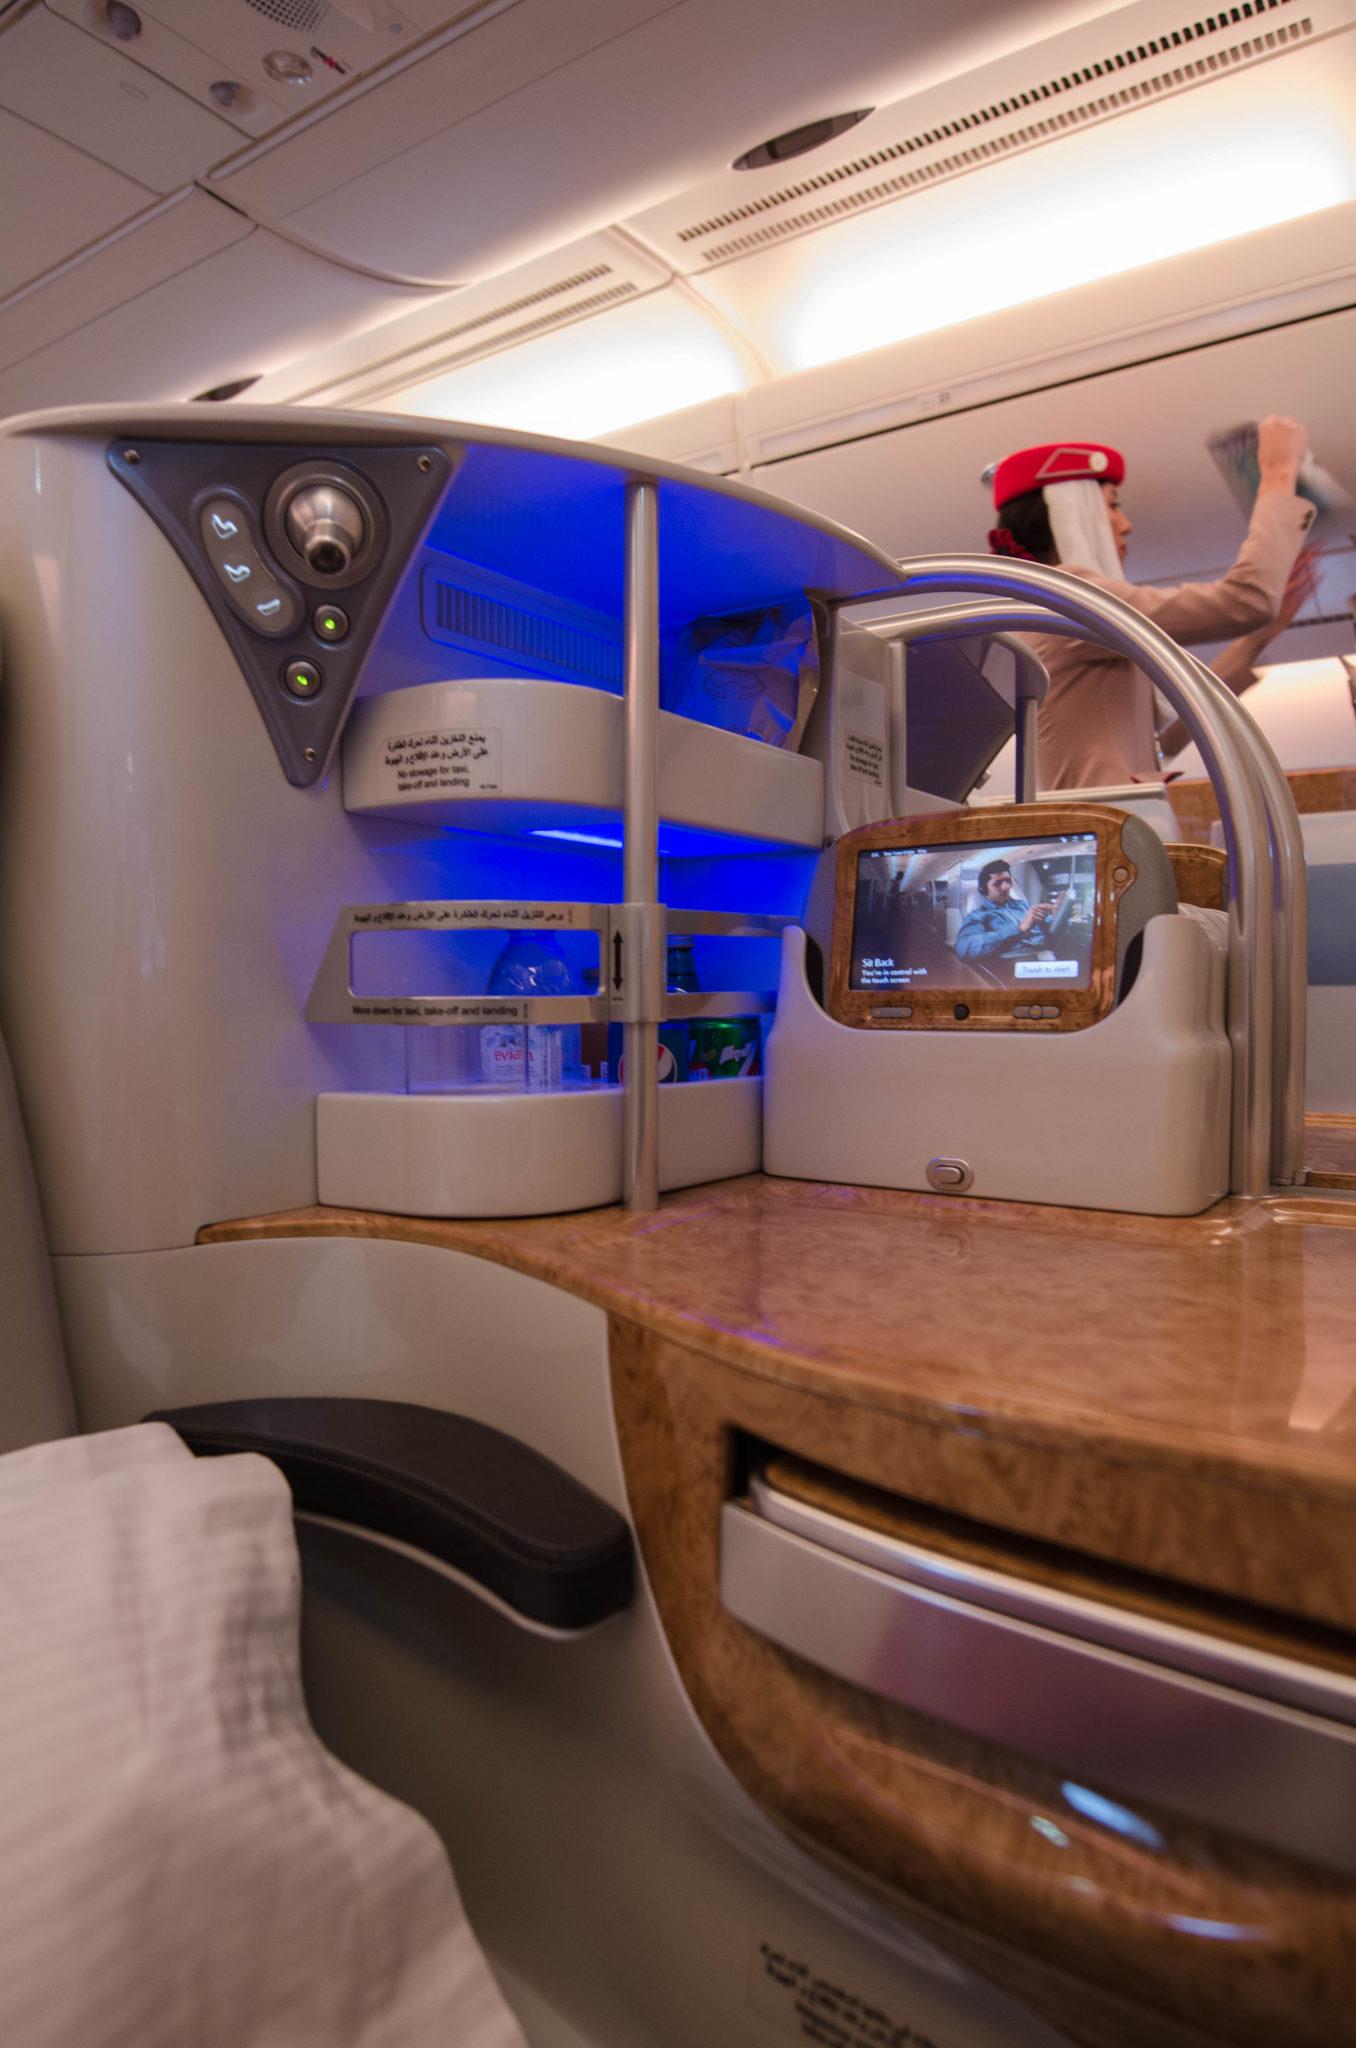 Emirates Business Class A380: Eine eigene kleine Bar befindet sich in jedem Sitz